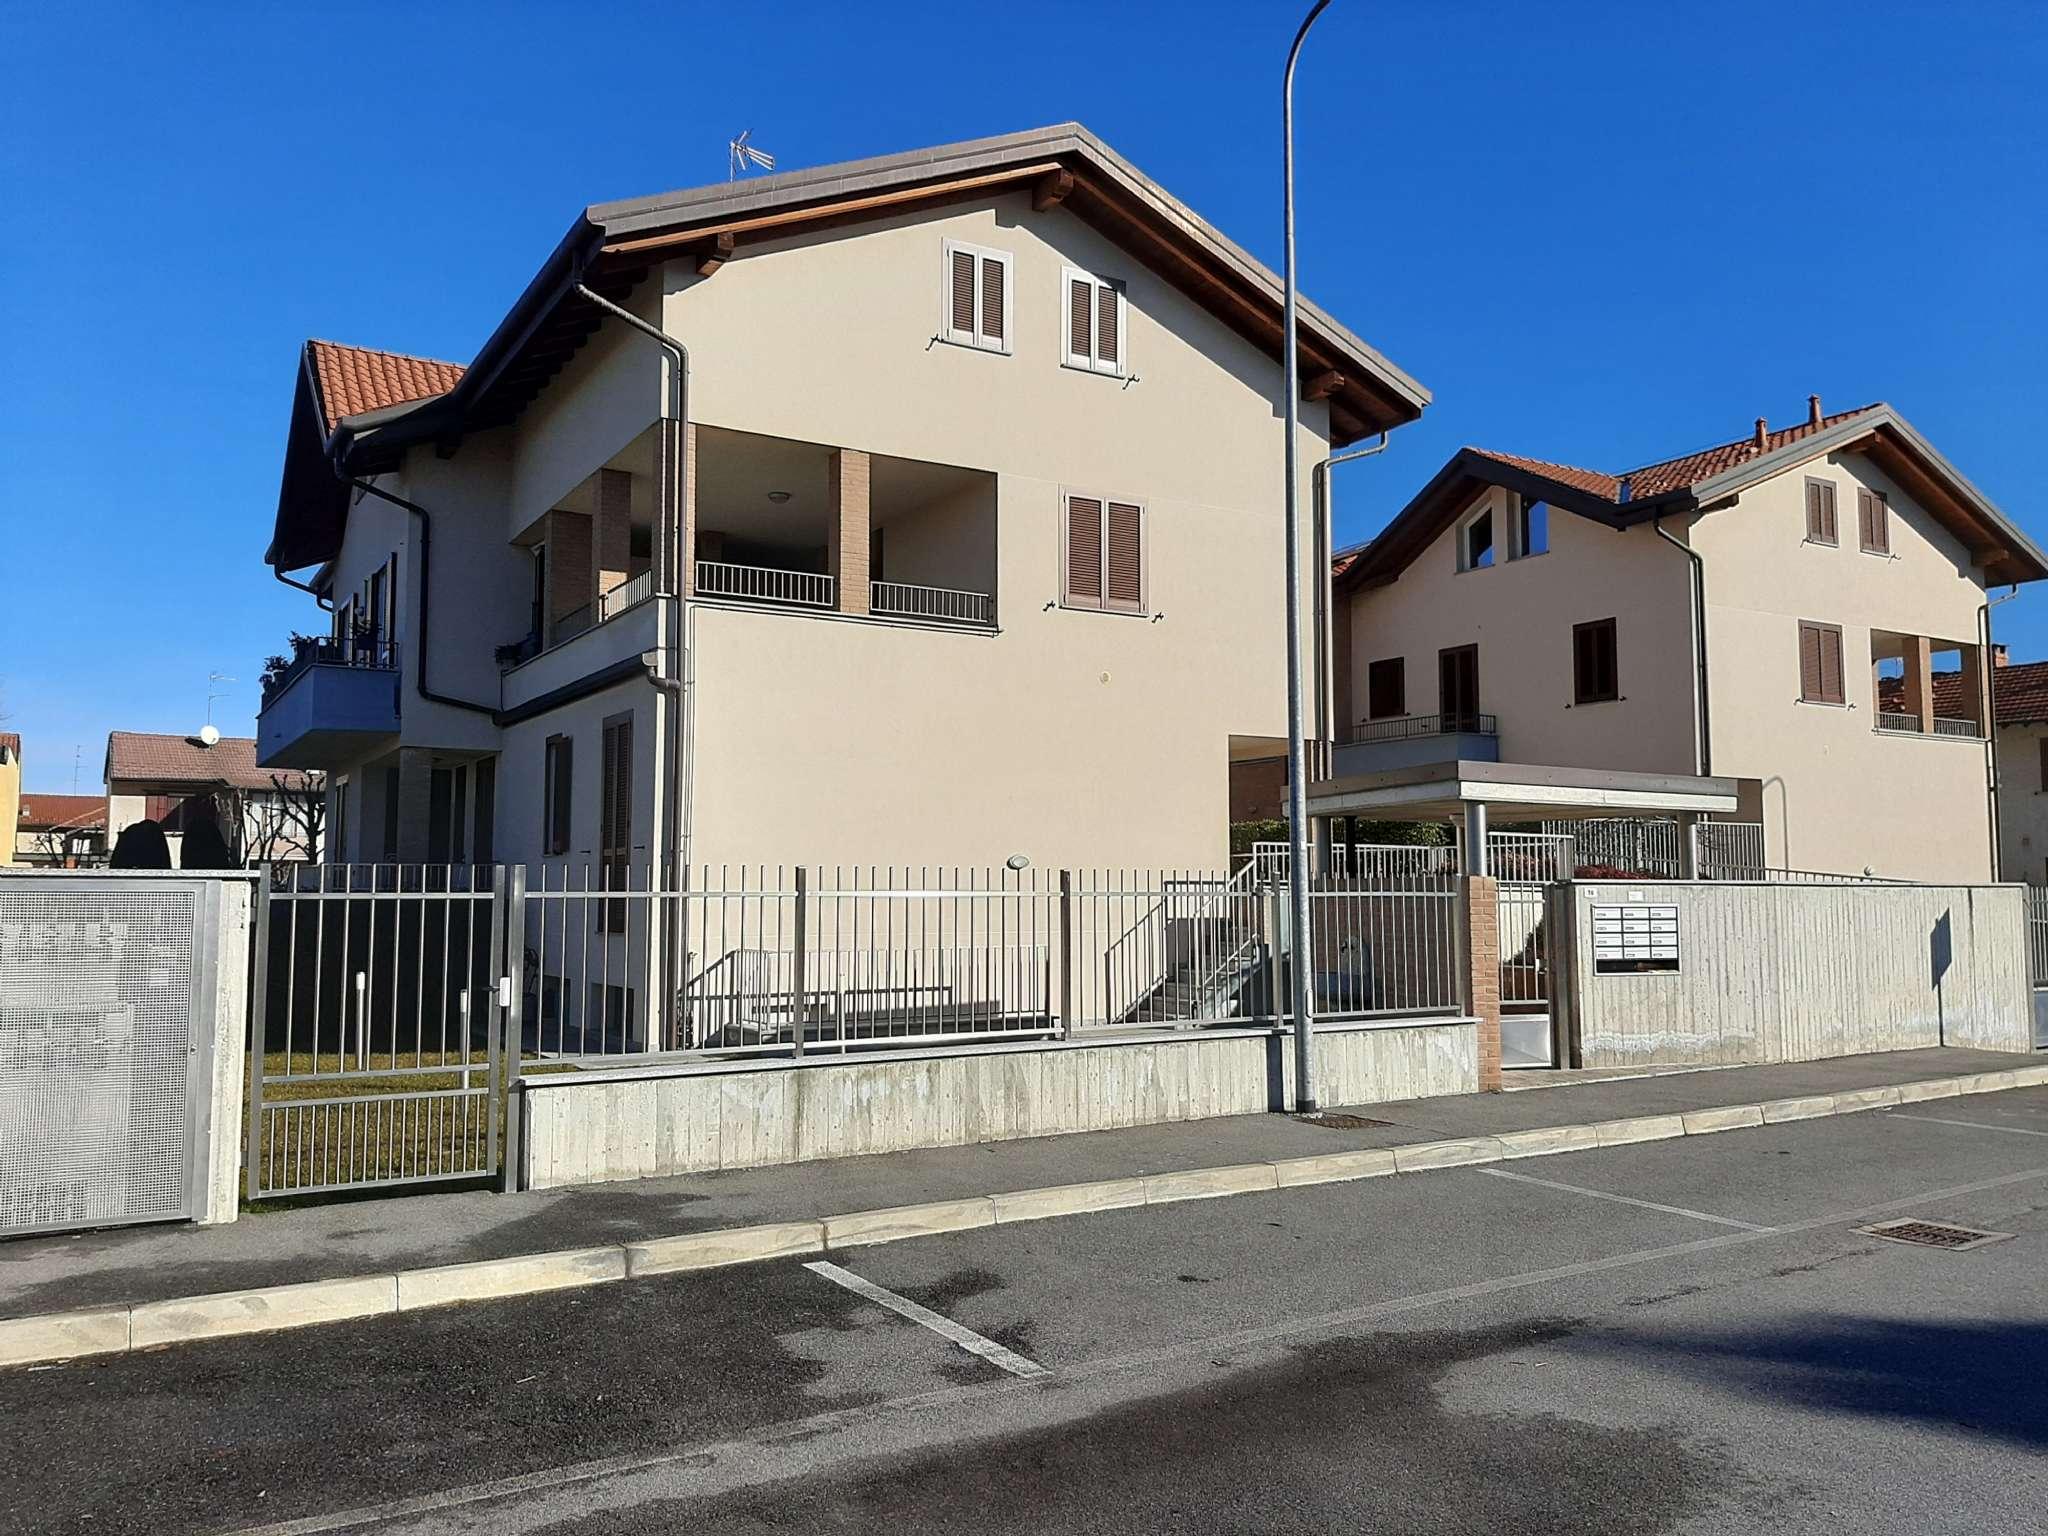 Appartamento in vendita a Buscate, 3 locali, prezzo € 160.000 | PortaleAgenzieImmobiliari.it